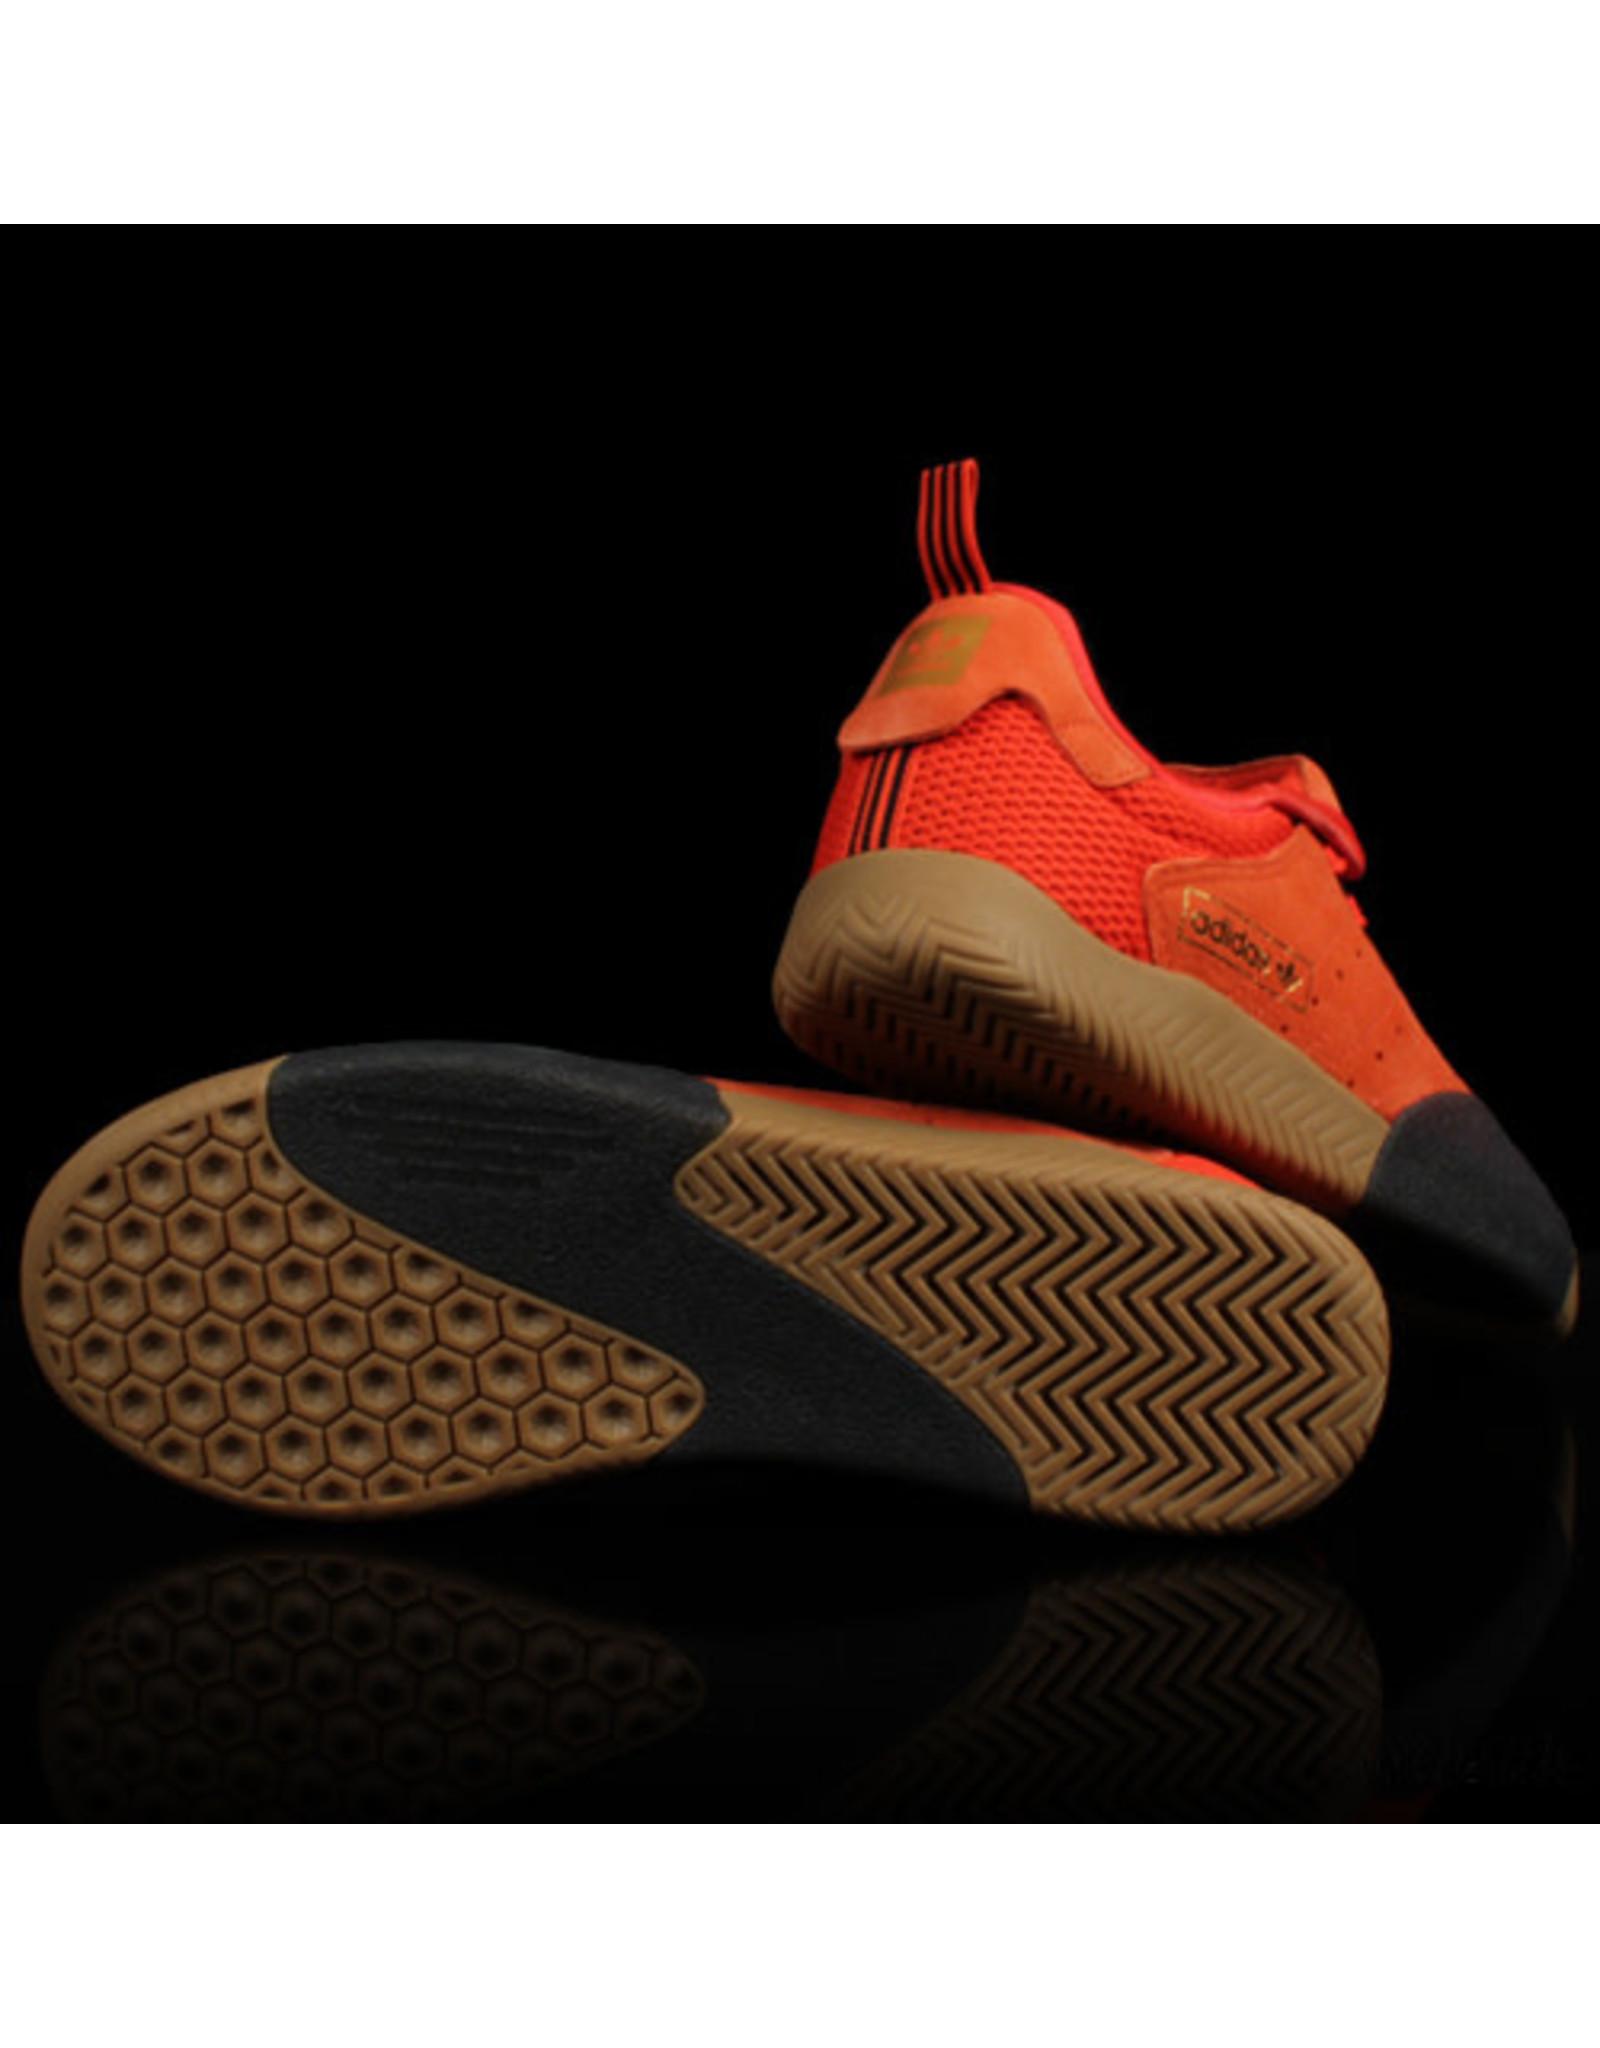 ADIDAS Adidas 3ST 003 Orange Gum